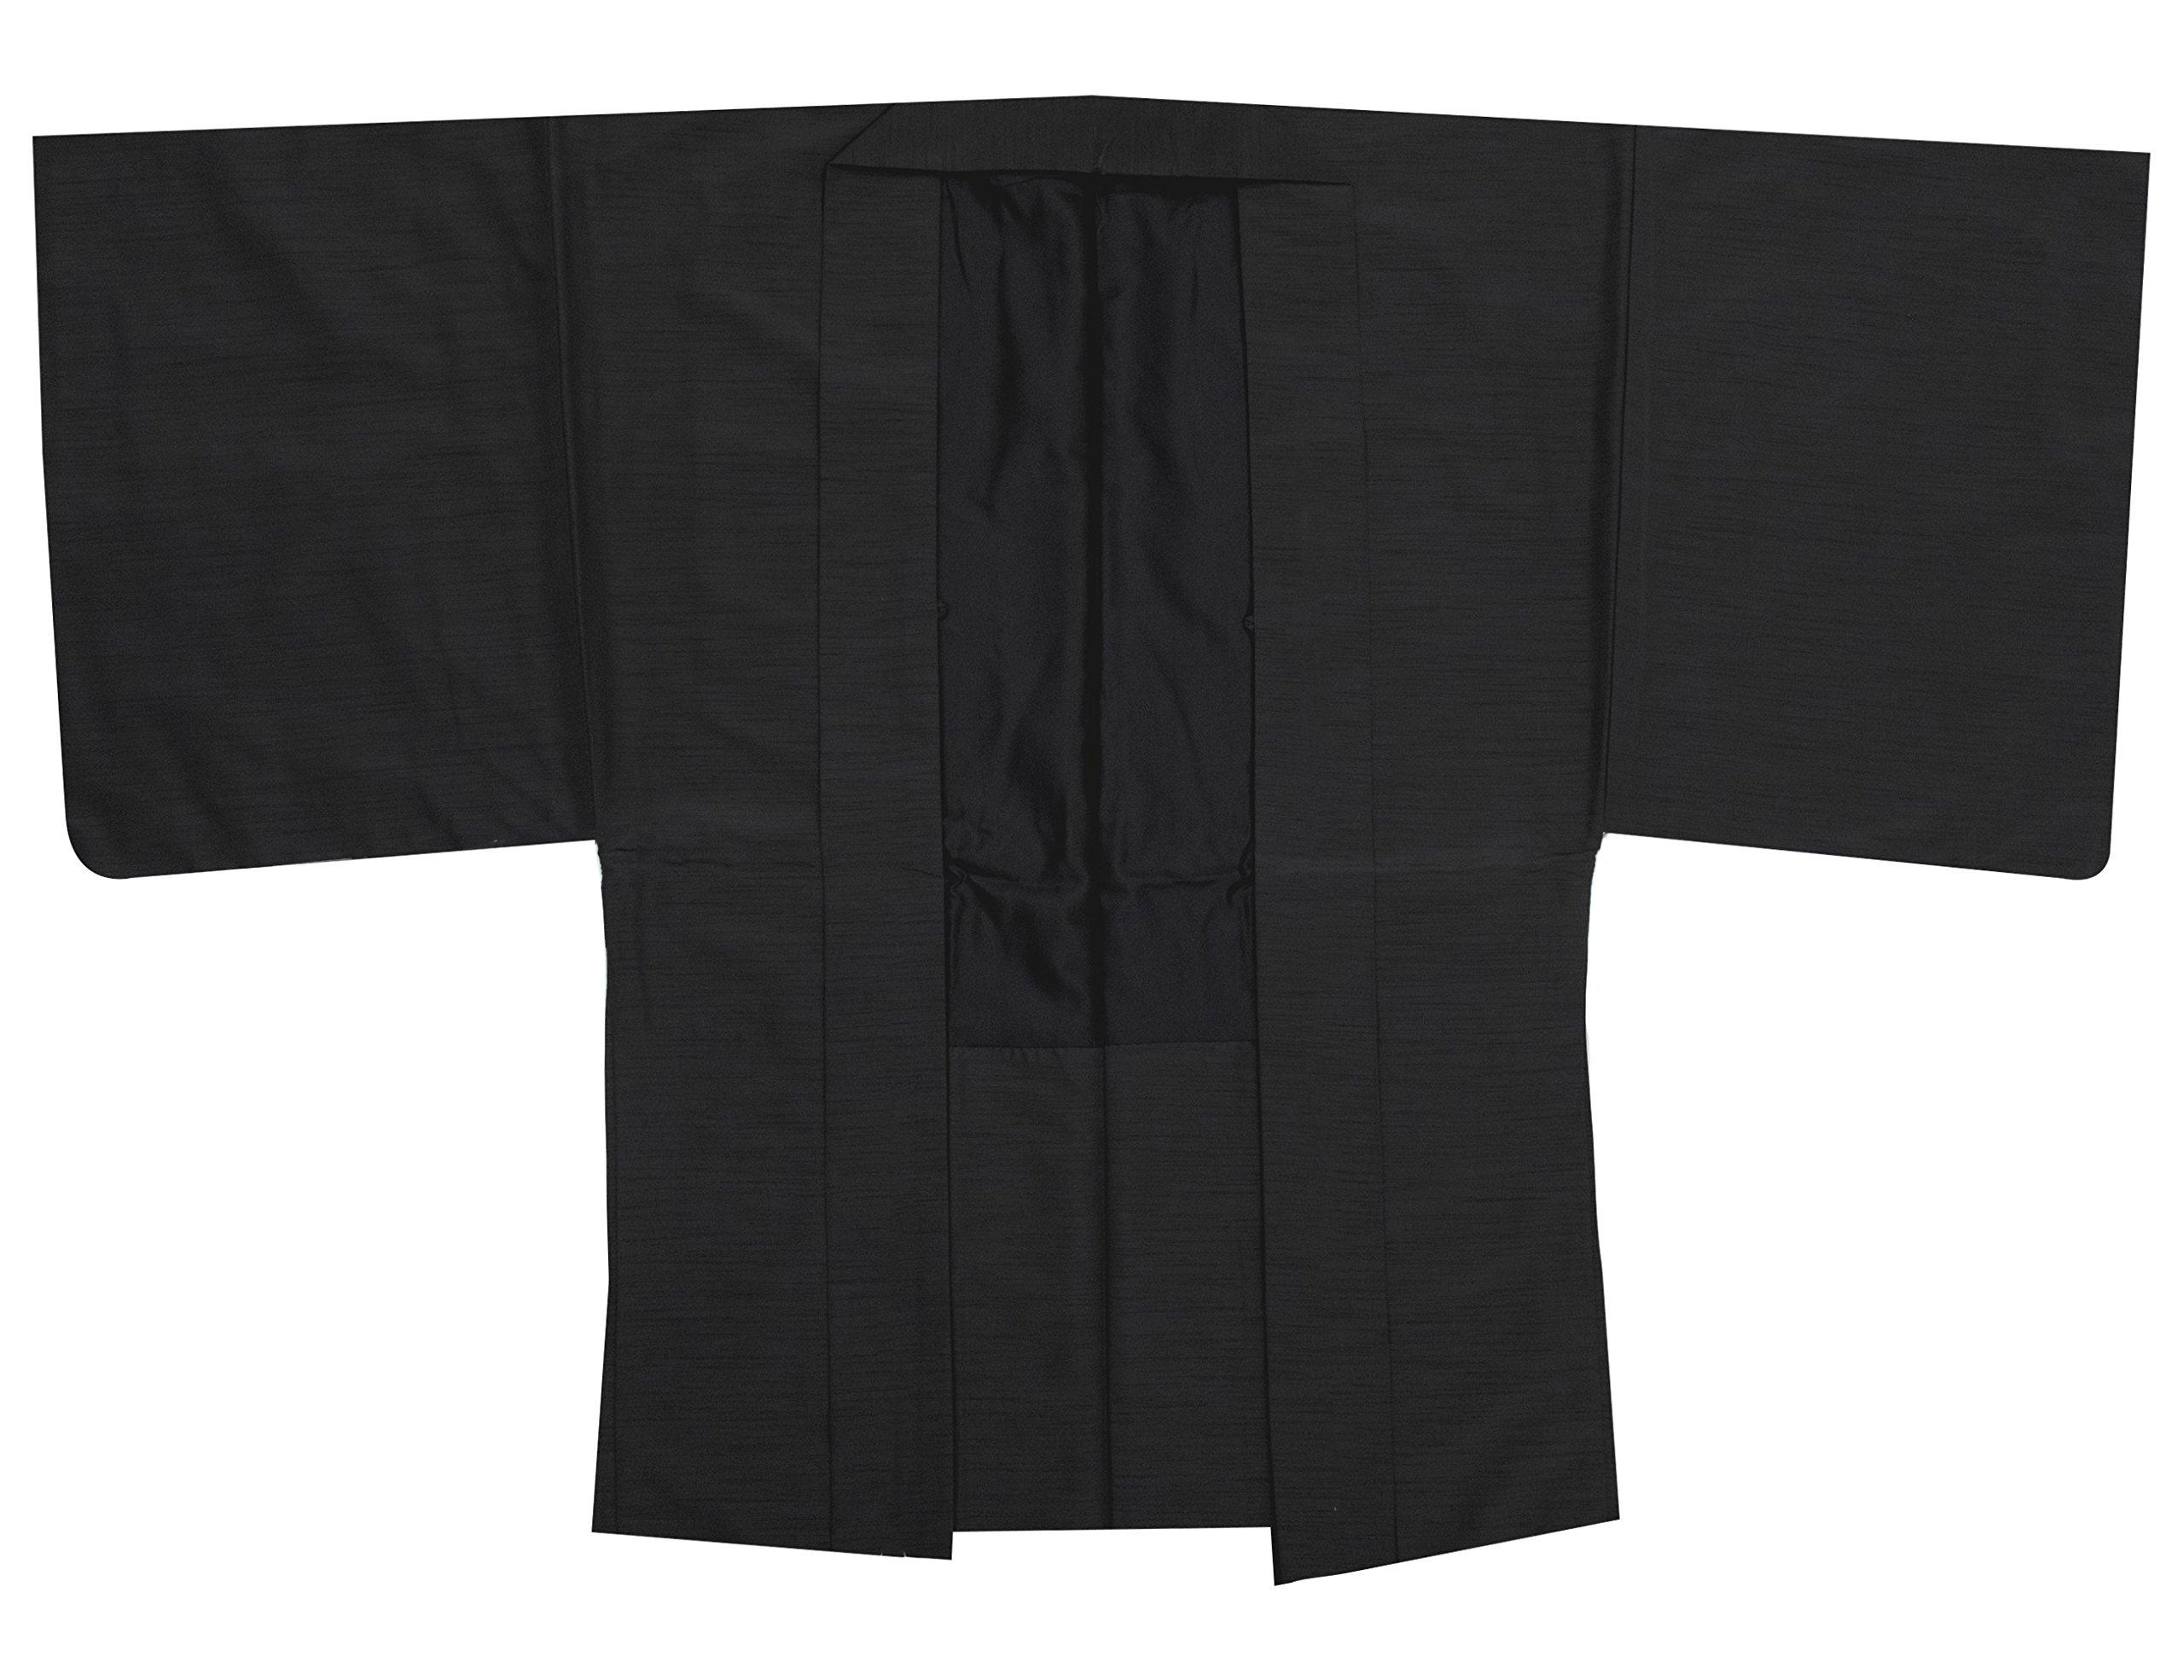 KYOETSU Men's Washable Lined Haori Kimono Jacket Tsumugi Awase (Medium, Black) by KYOETSU